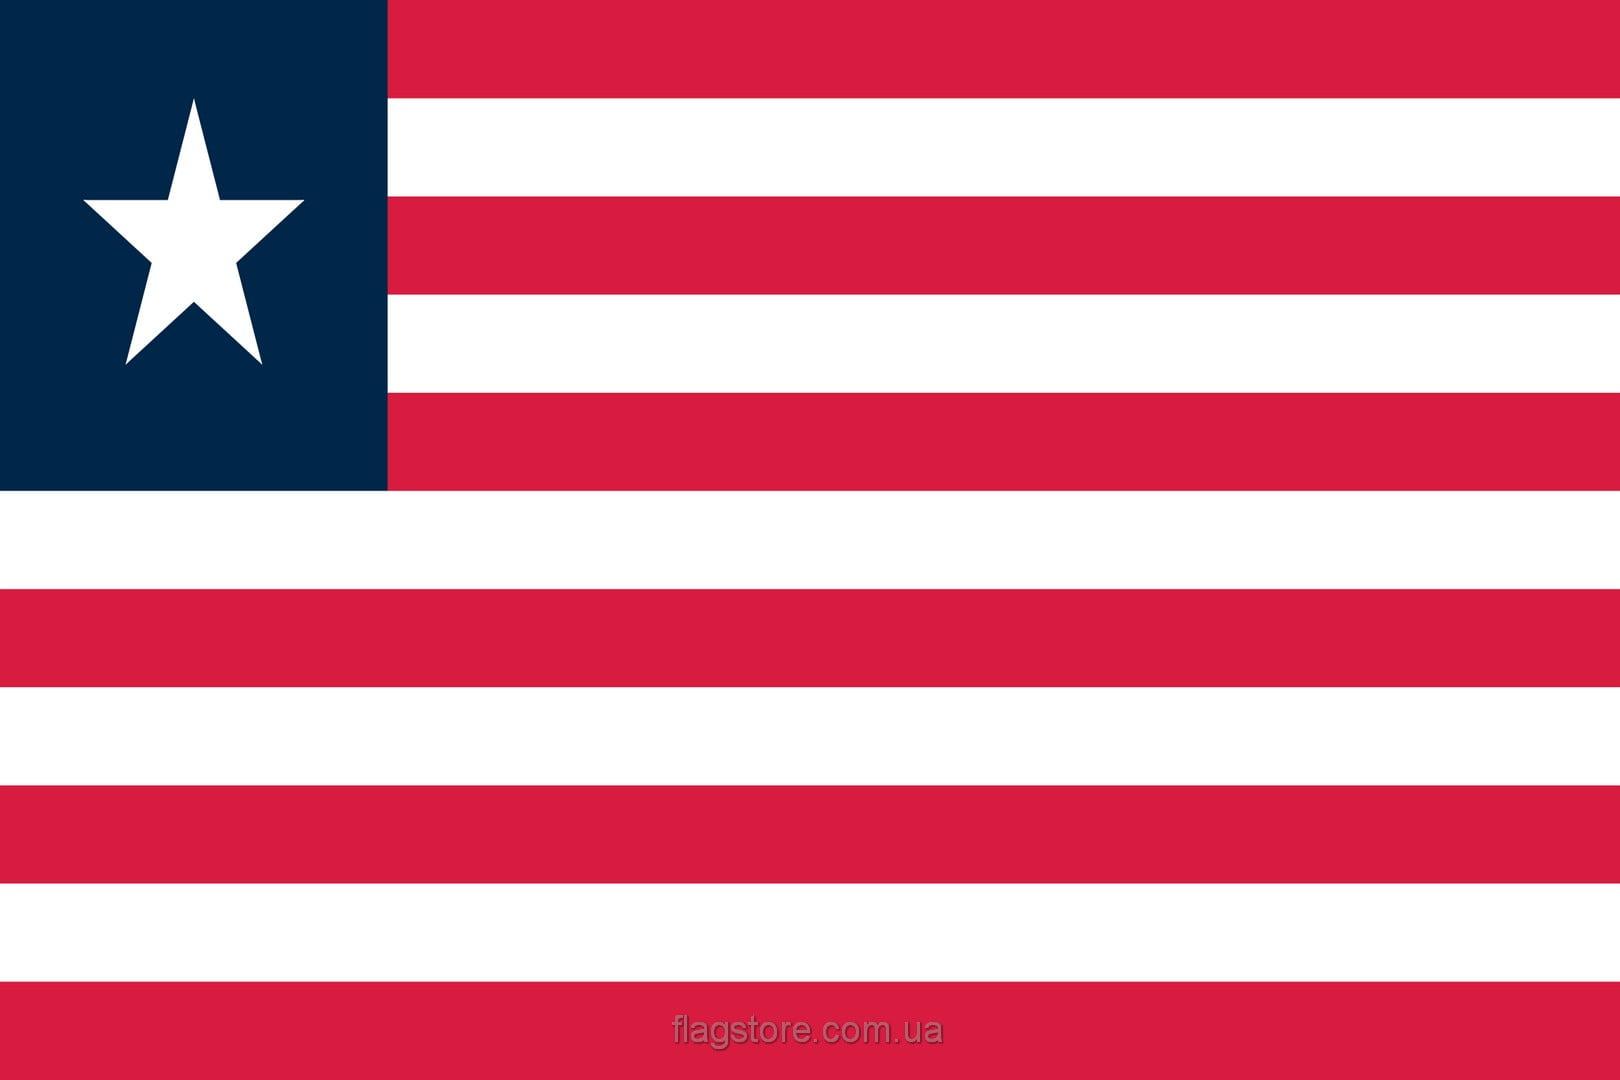 Купить флаг Либерии (страны Либерия)